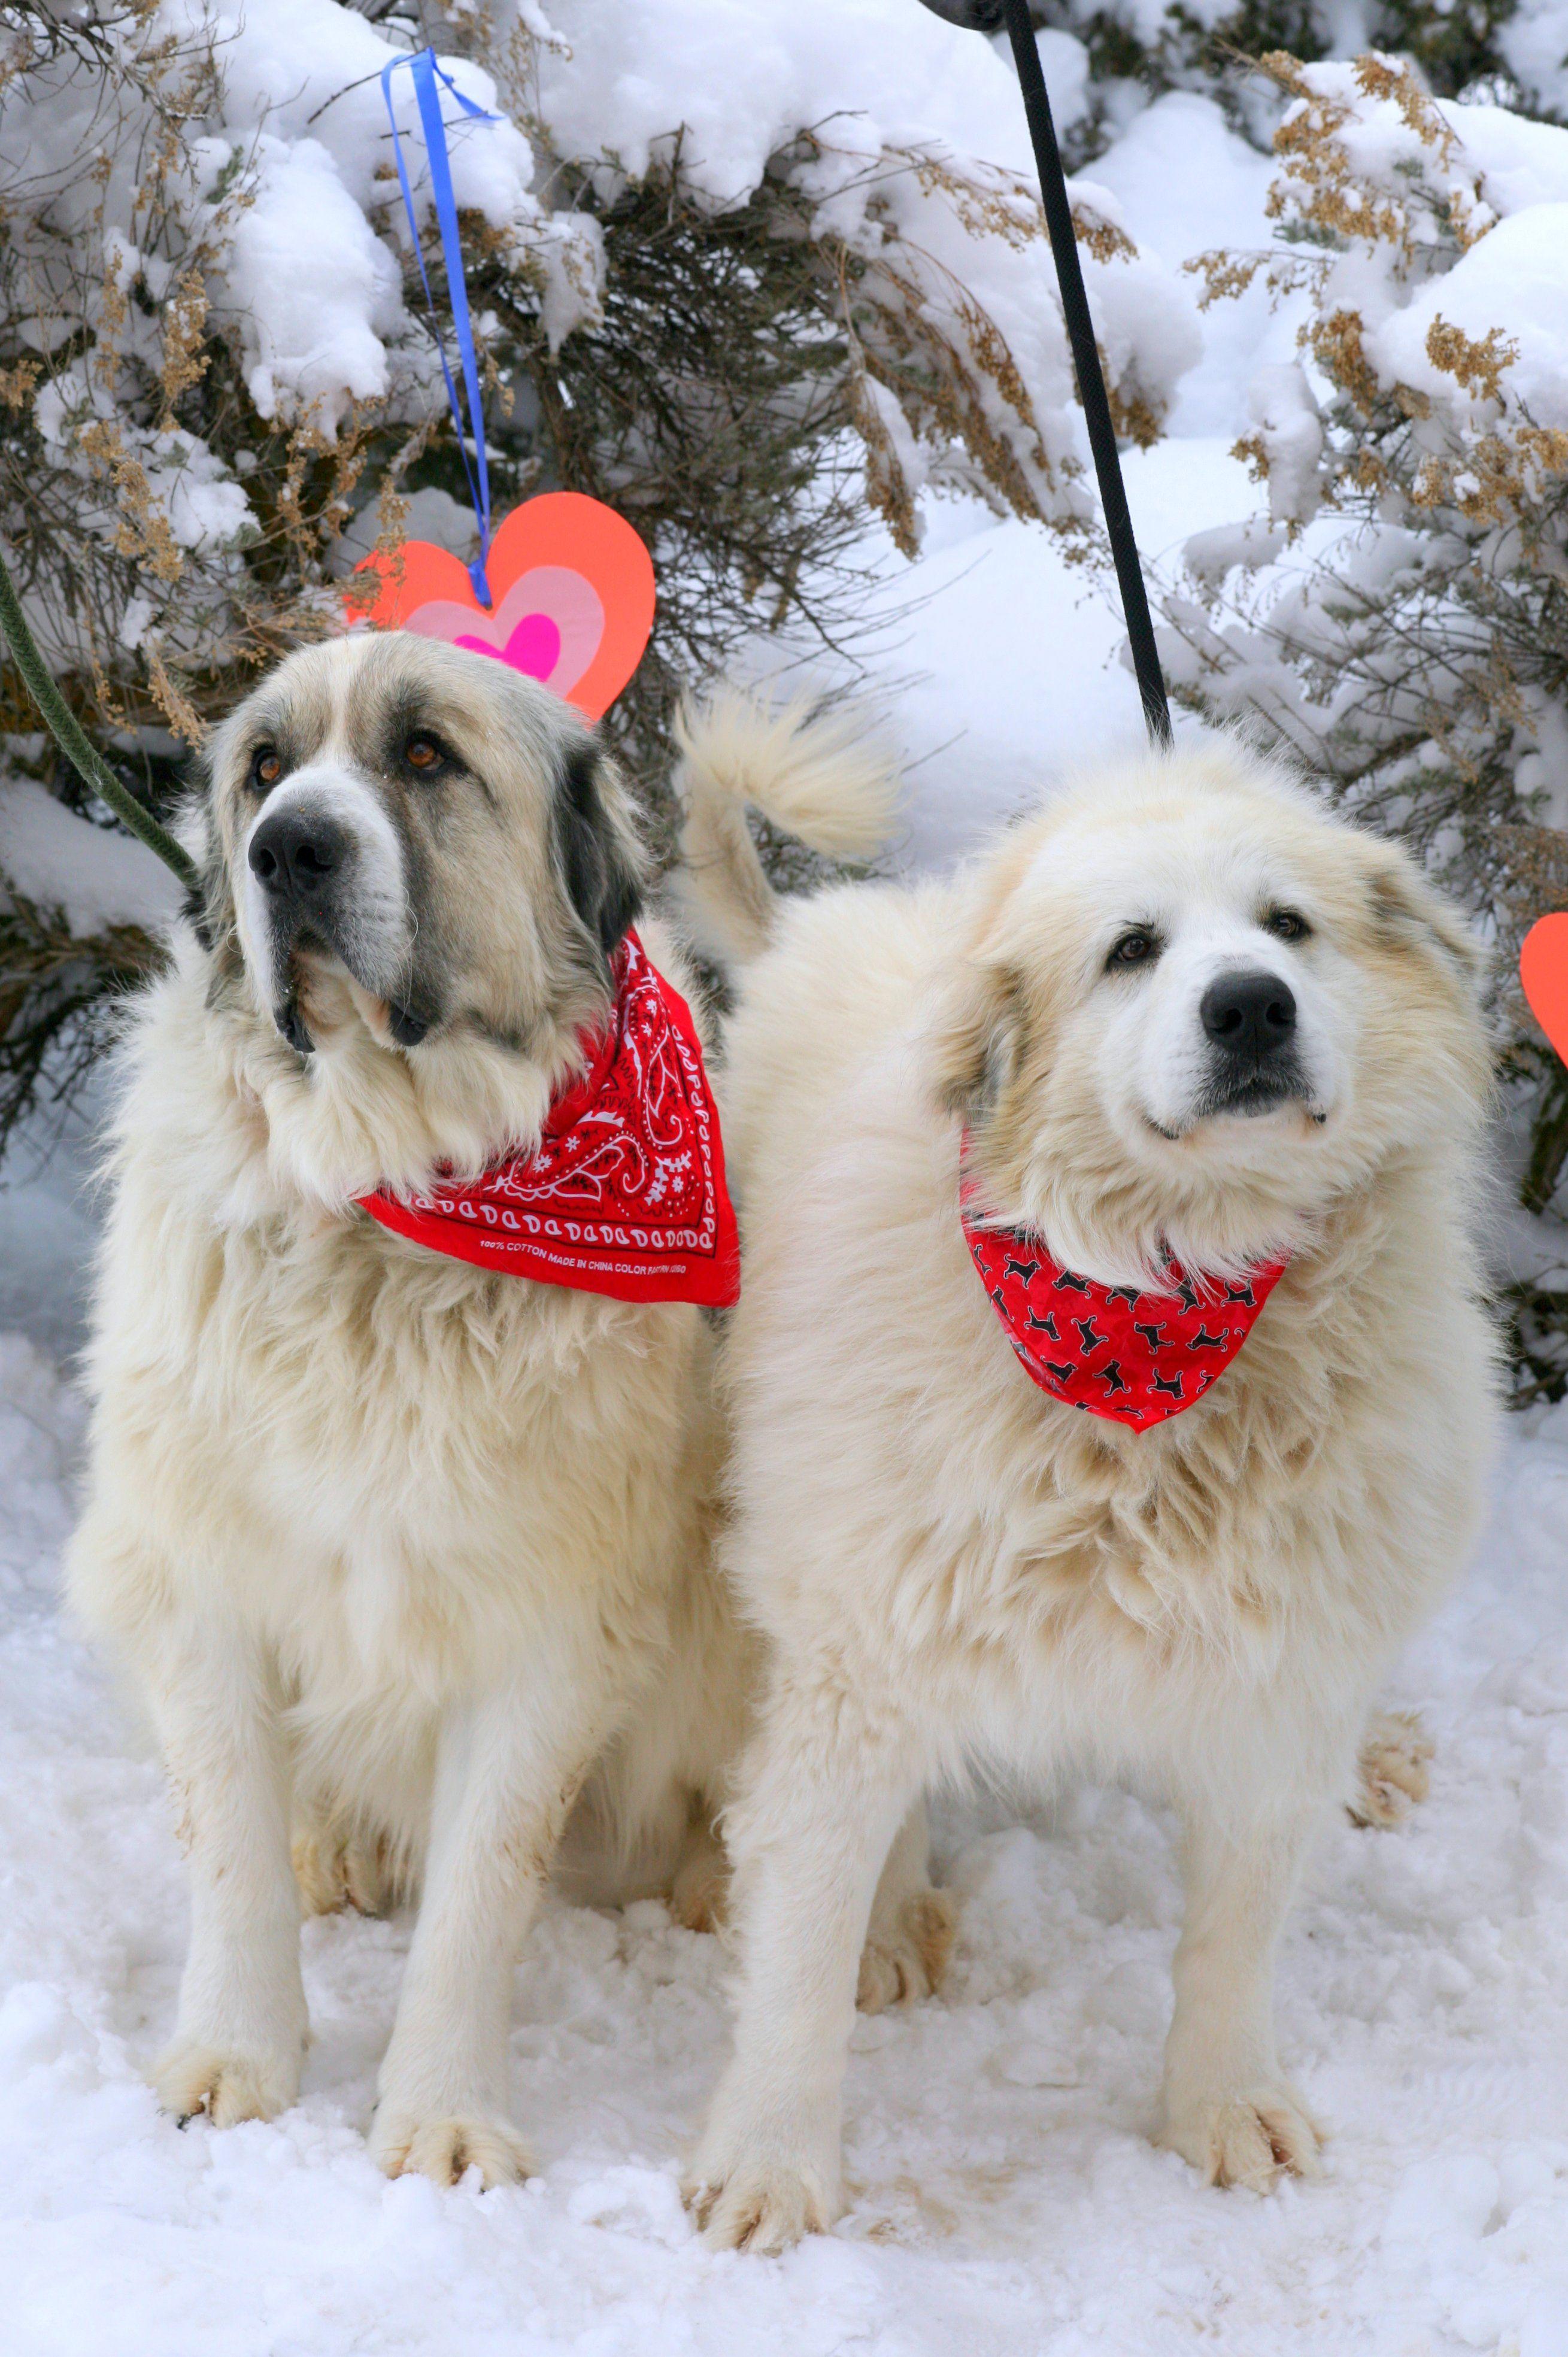 14++ Glenwood springs animal shelter ideas